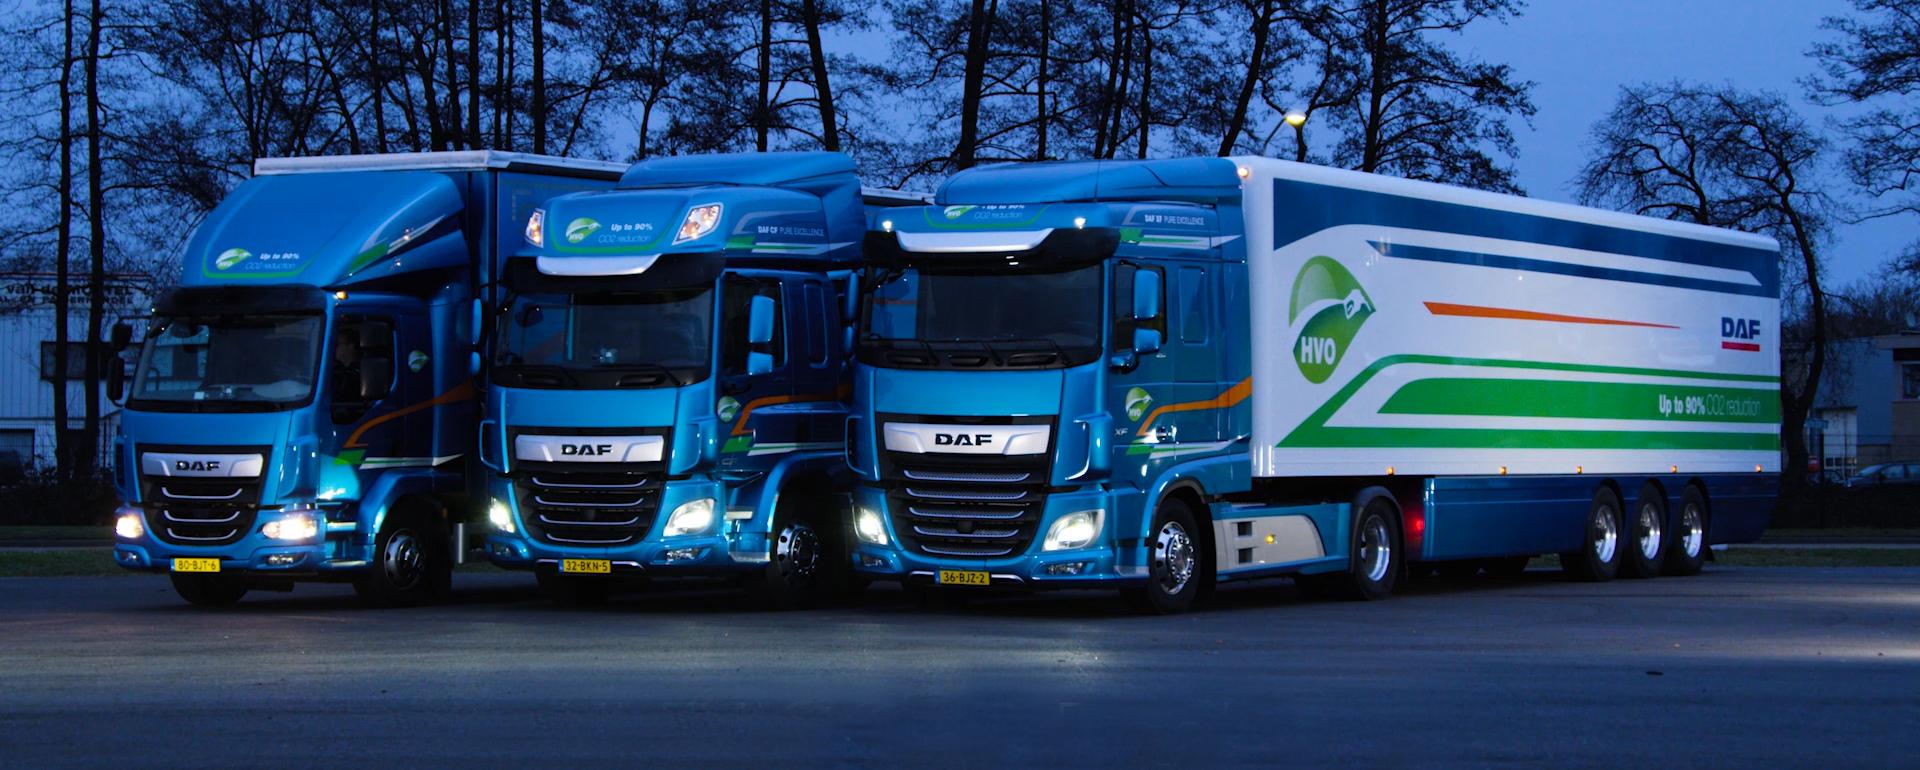 HVO: die grüne Dieselalternative?